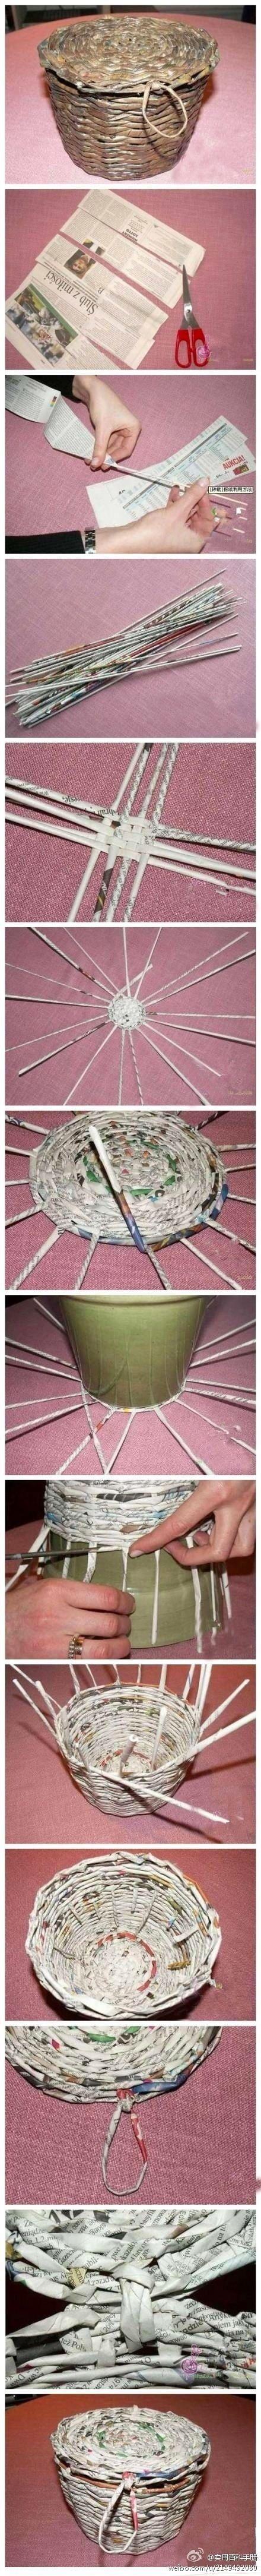 DIY Newspap  er Basket pinterest